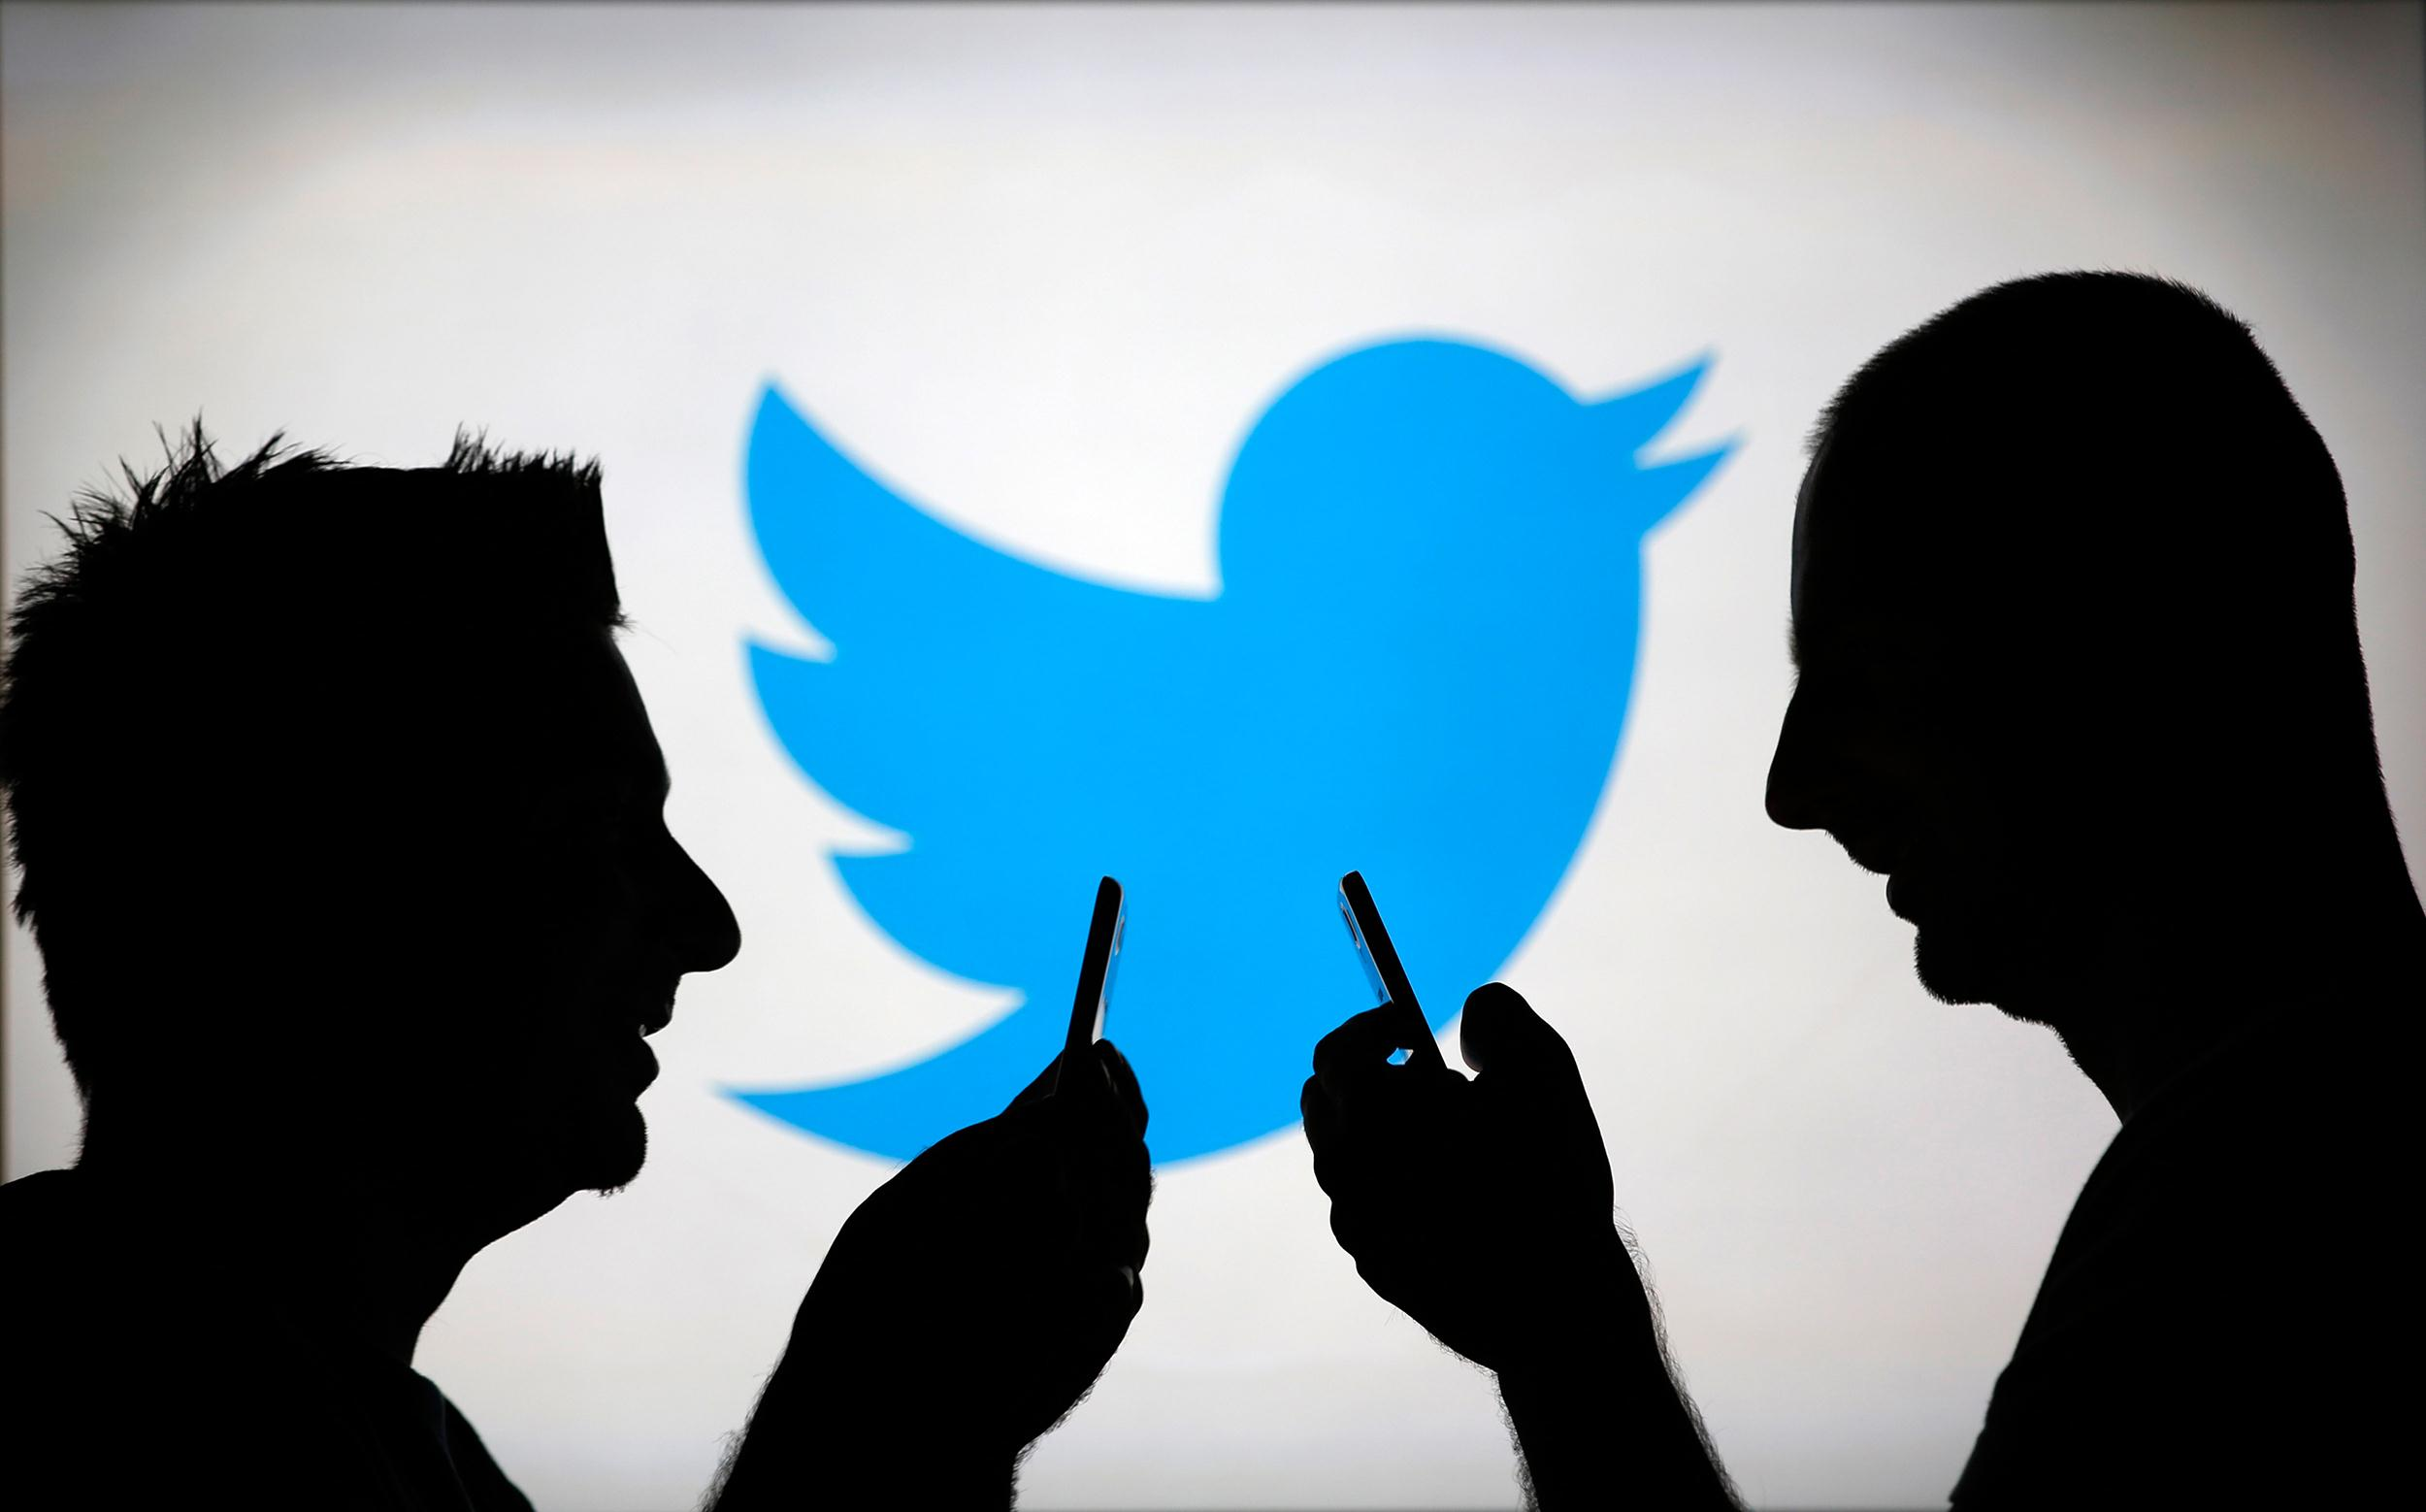 Sosyal medyada asılsız patlama iddiaları: Türkiye korkuya teslim edilmek isteniyor